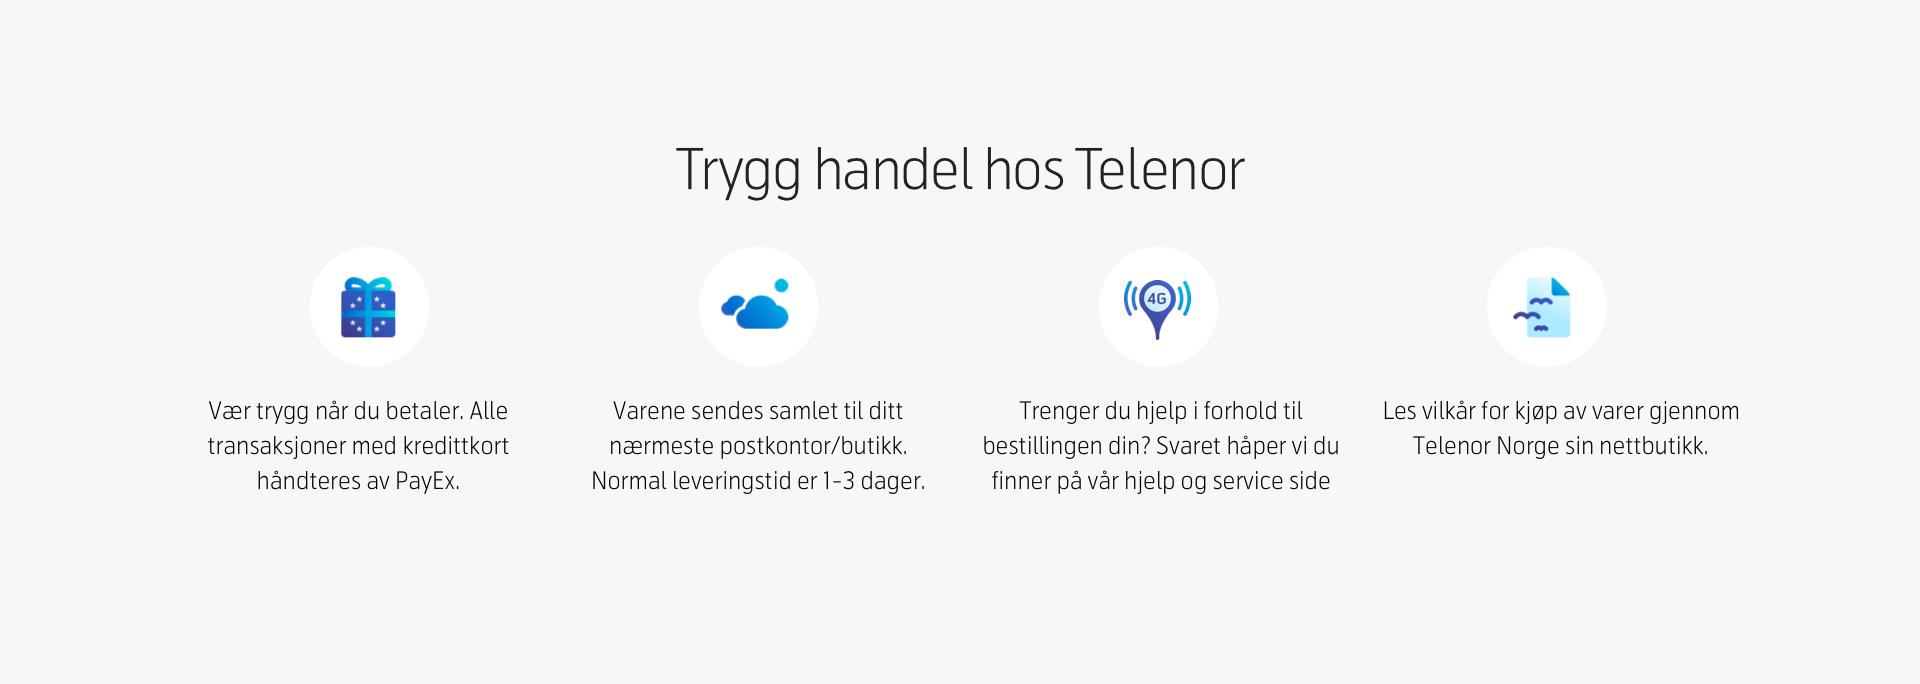 Telenor_06